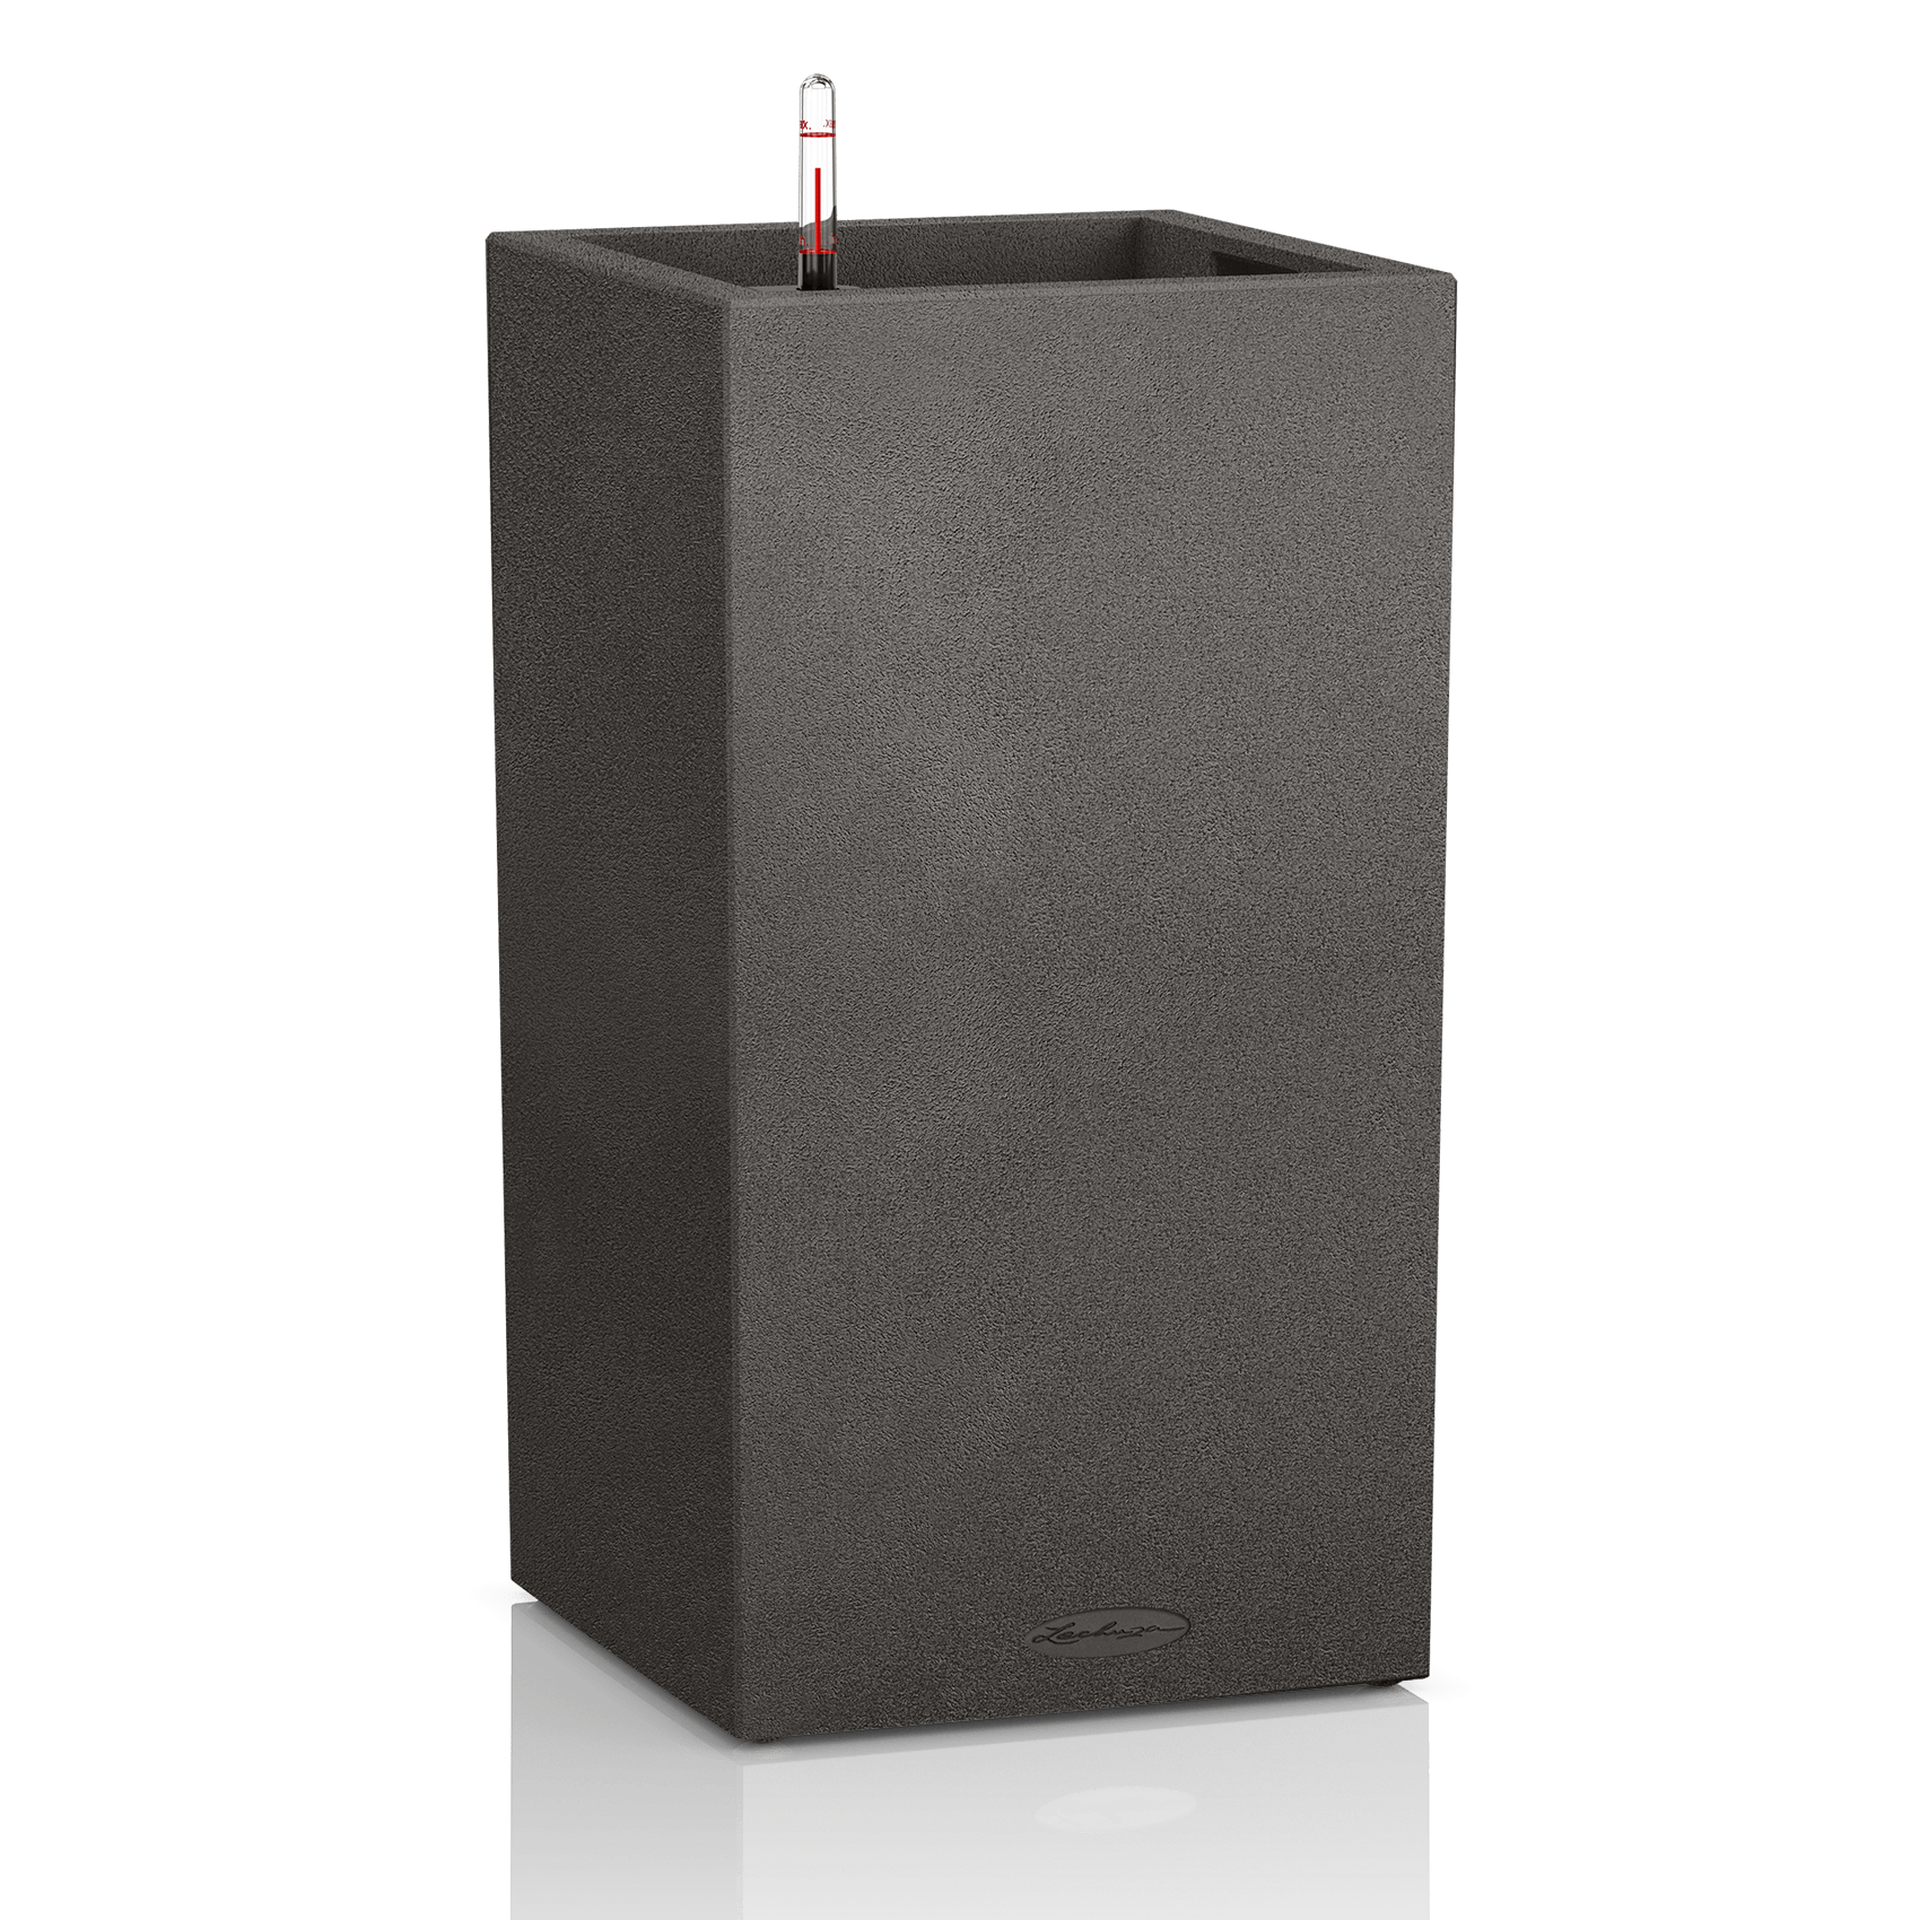 CANTO Stone 40 high graphite black